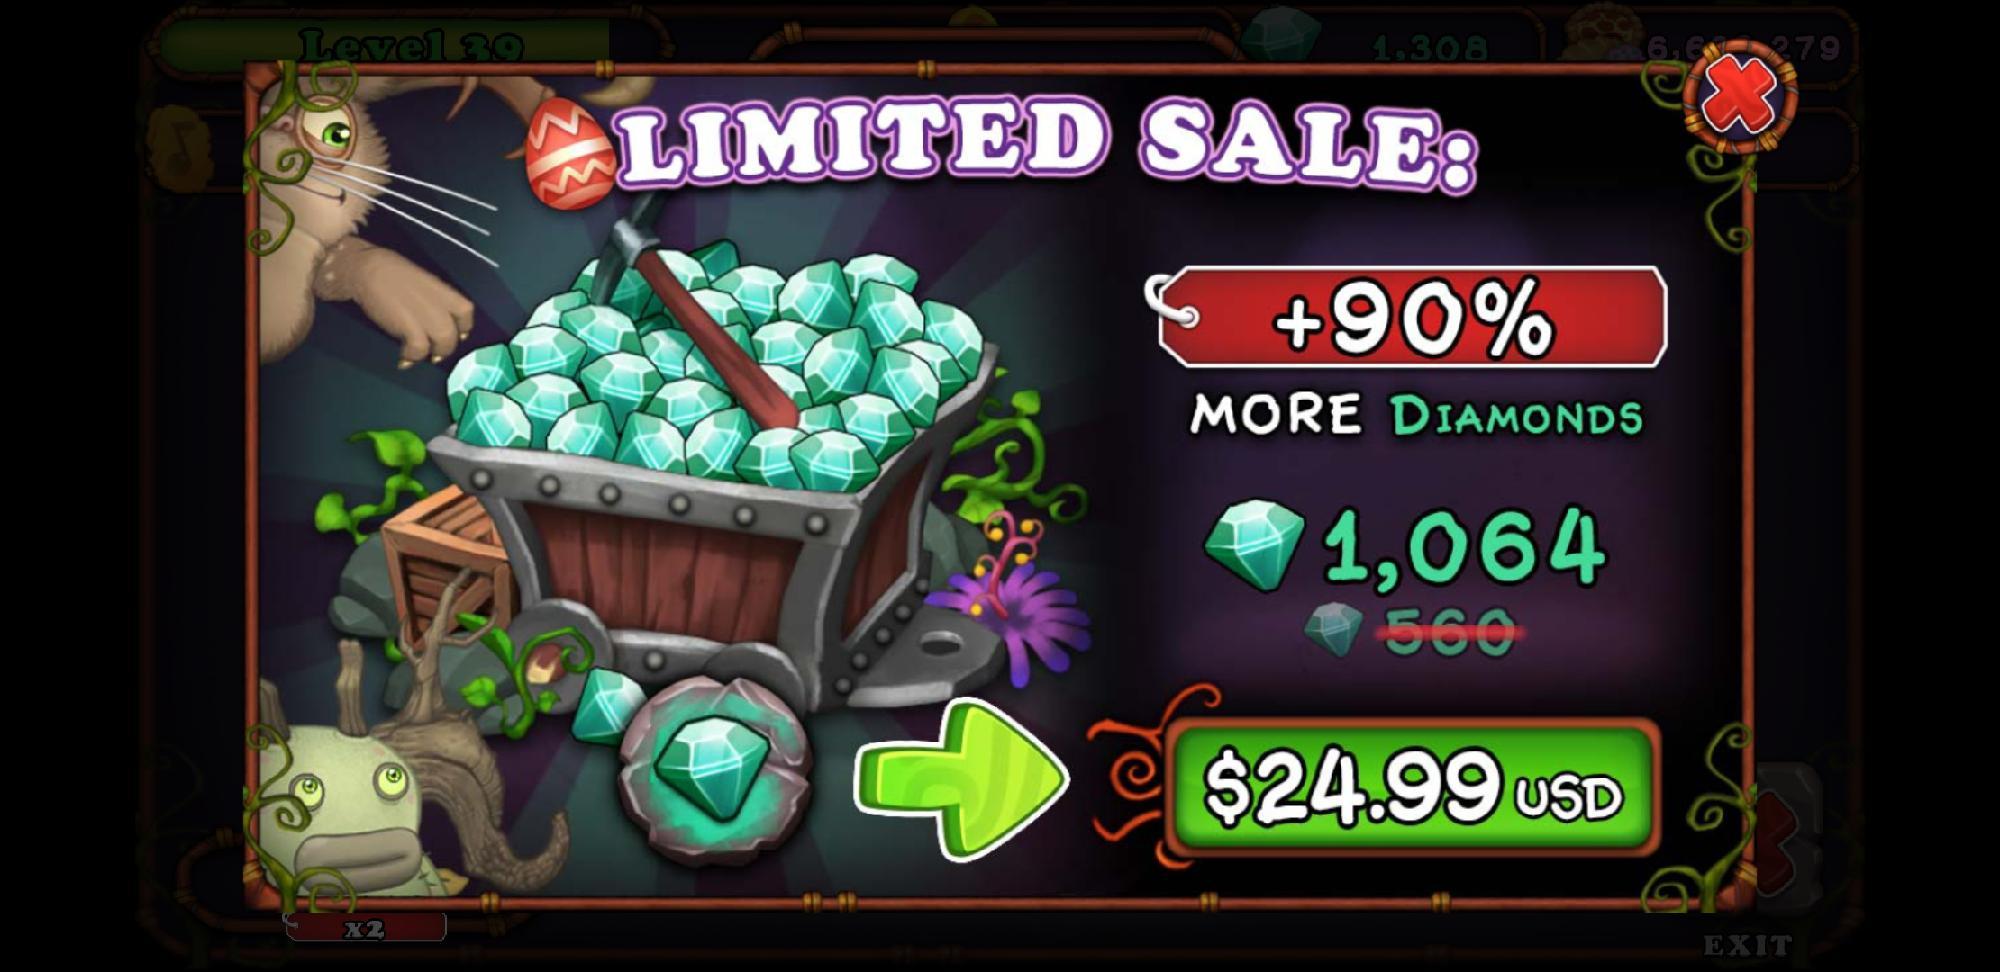 24.99 Diamond Sale Promotion